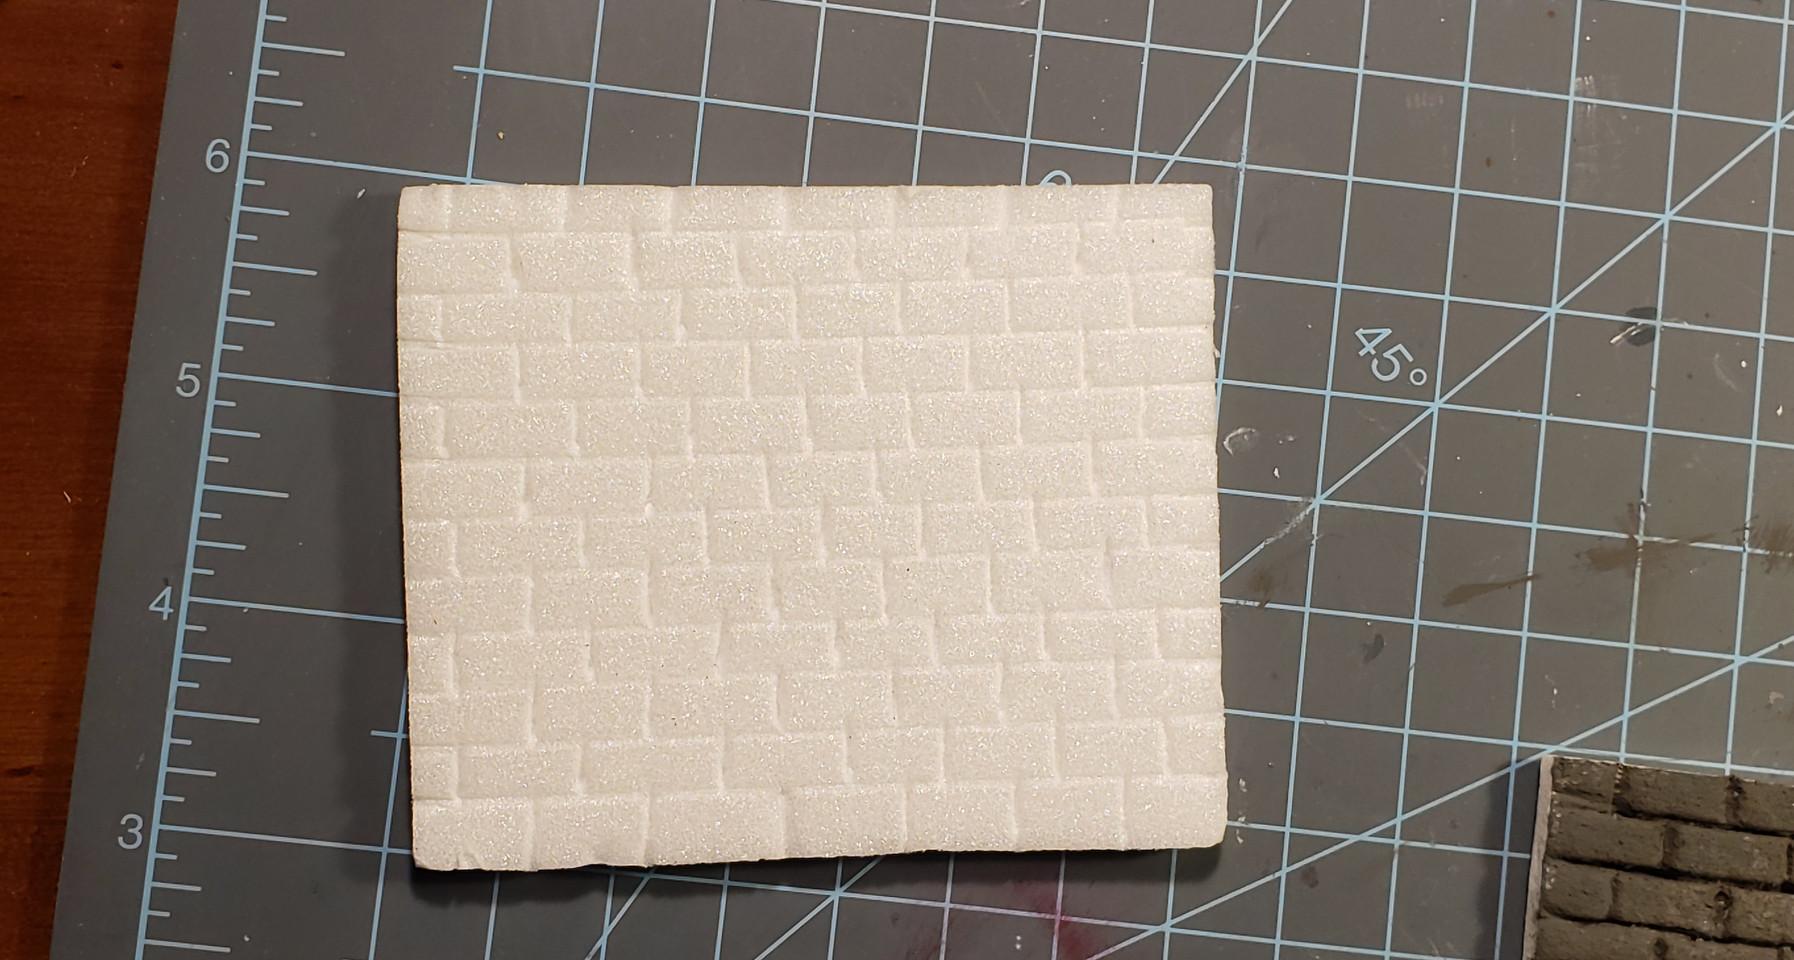 SC-Brickwall Closeup 4.jpg